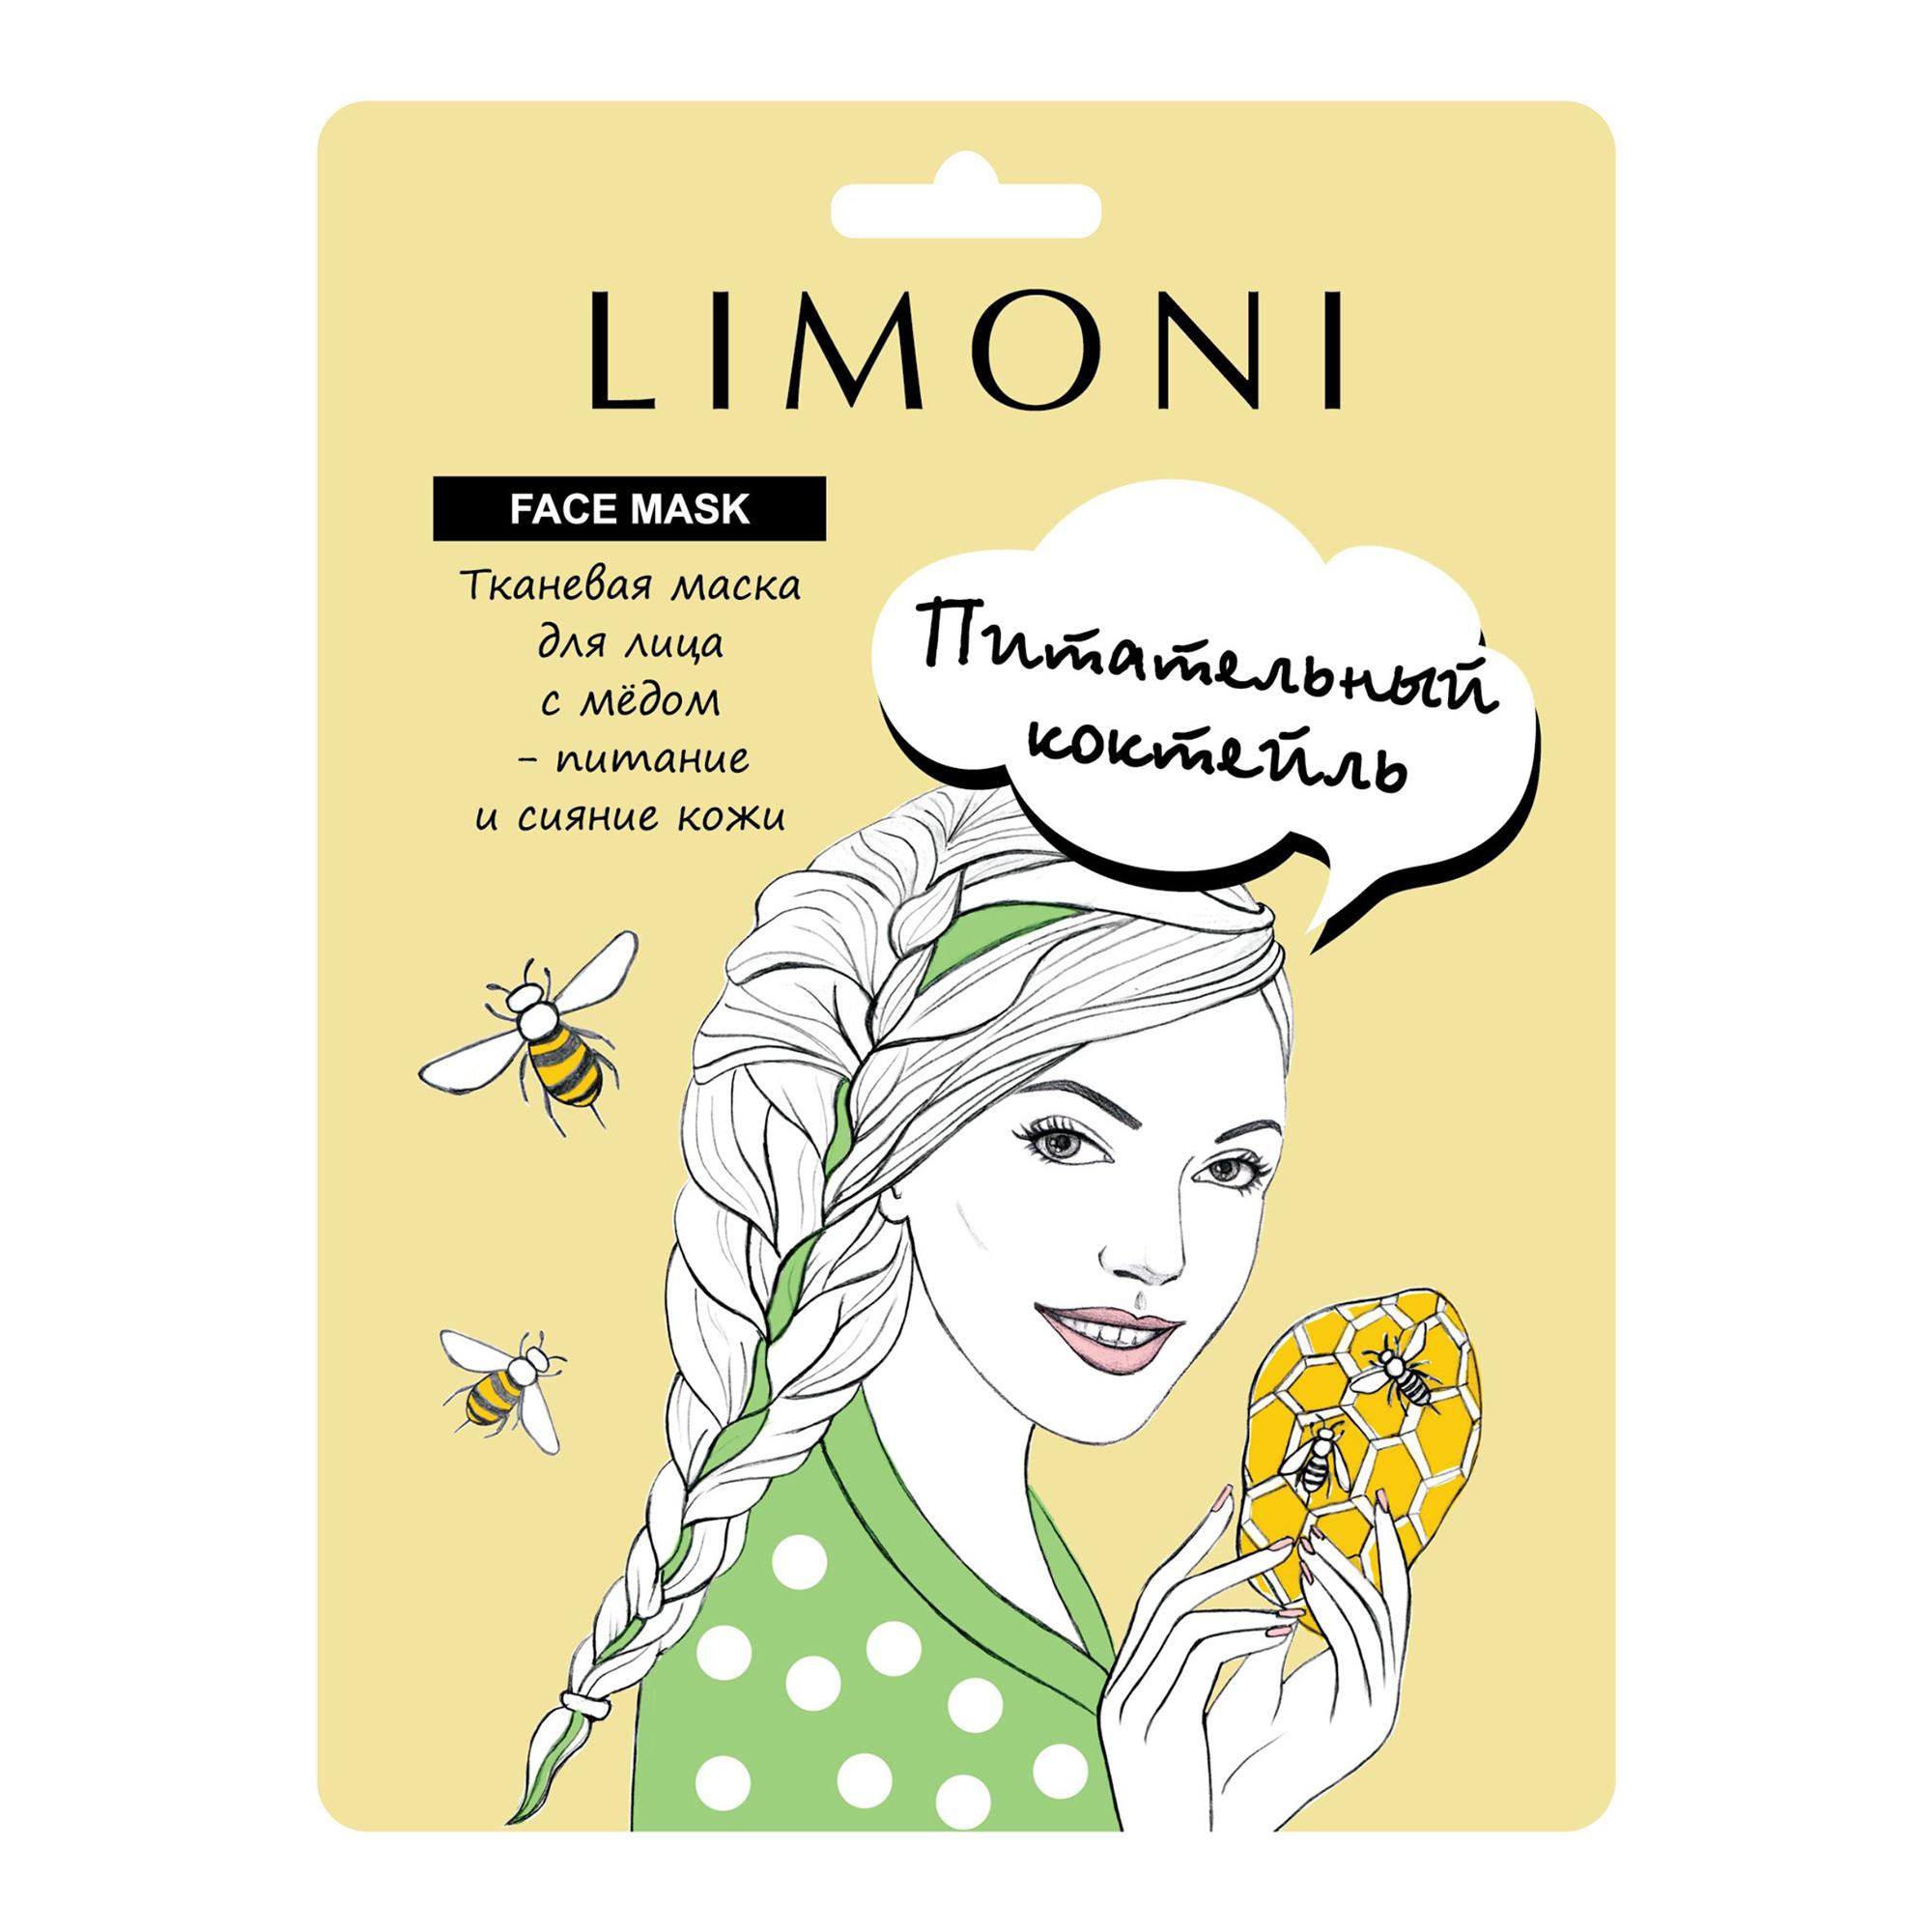 LIMONI Маска для лица питательная с медом / Sheet mask with honey extract 20гр